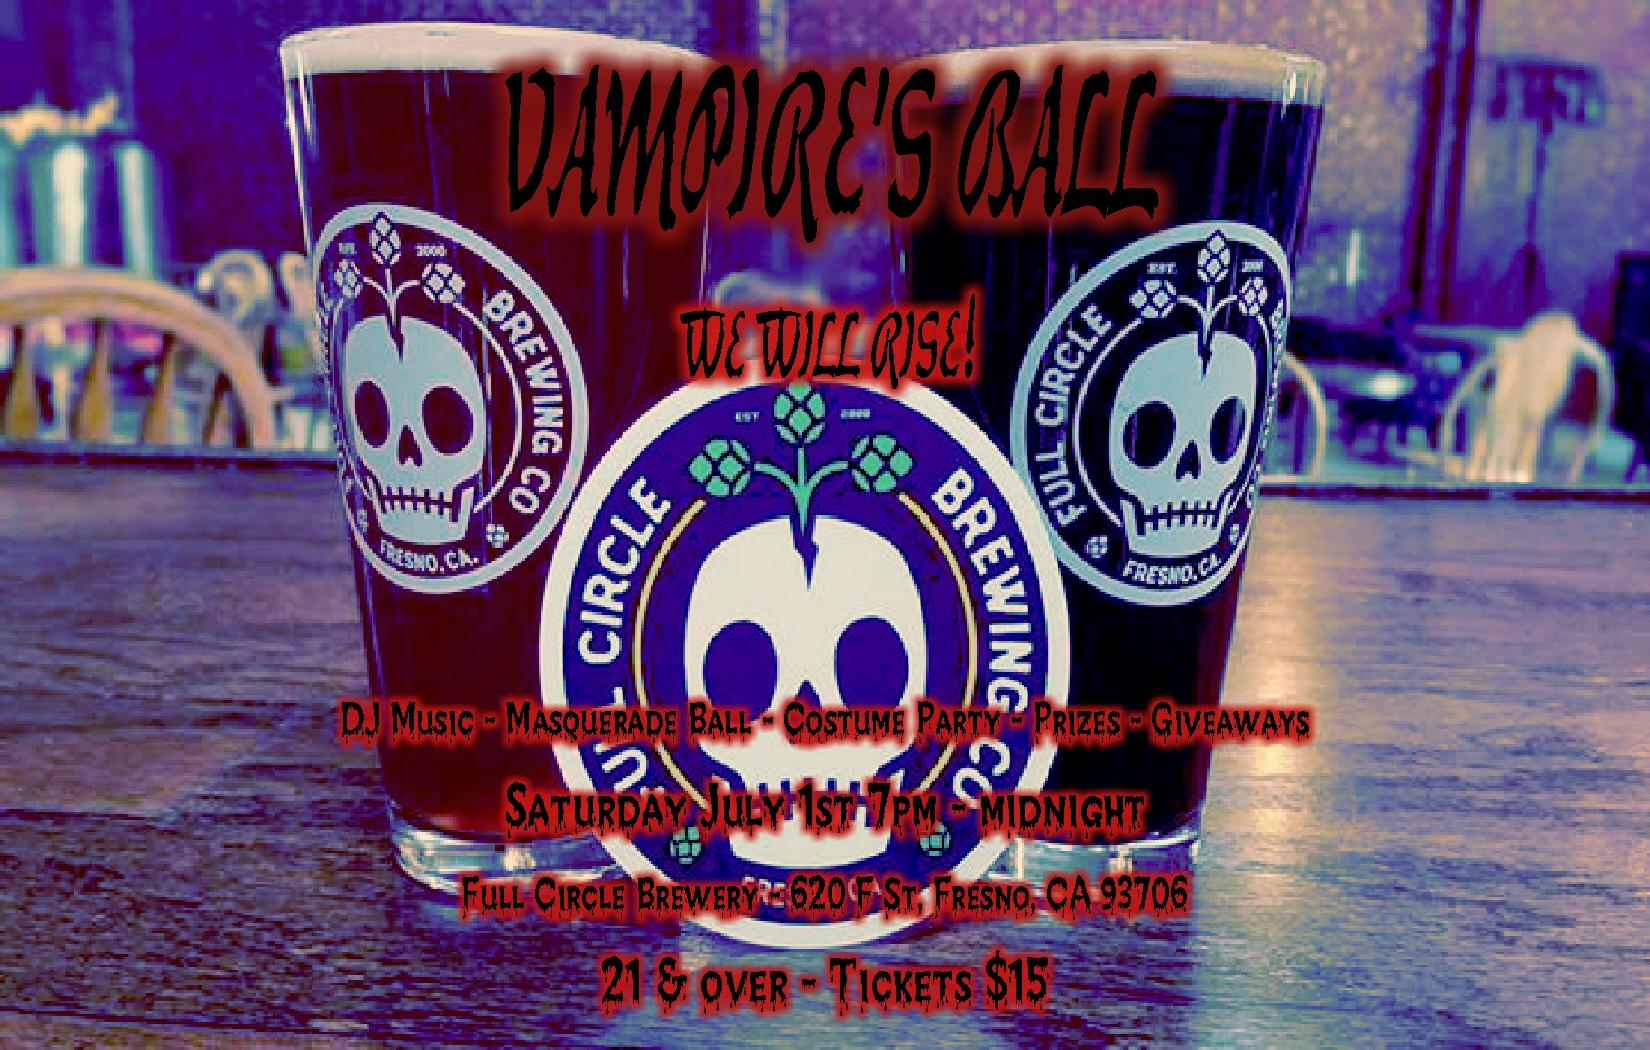 Vampire's Ball - Full Circle Brewery